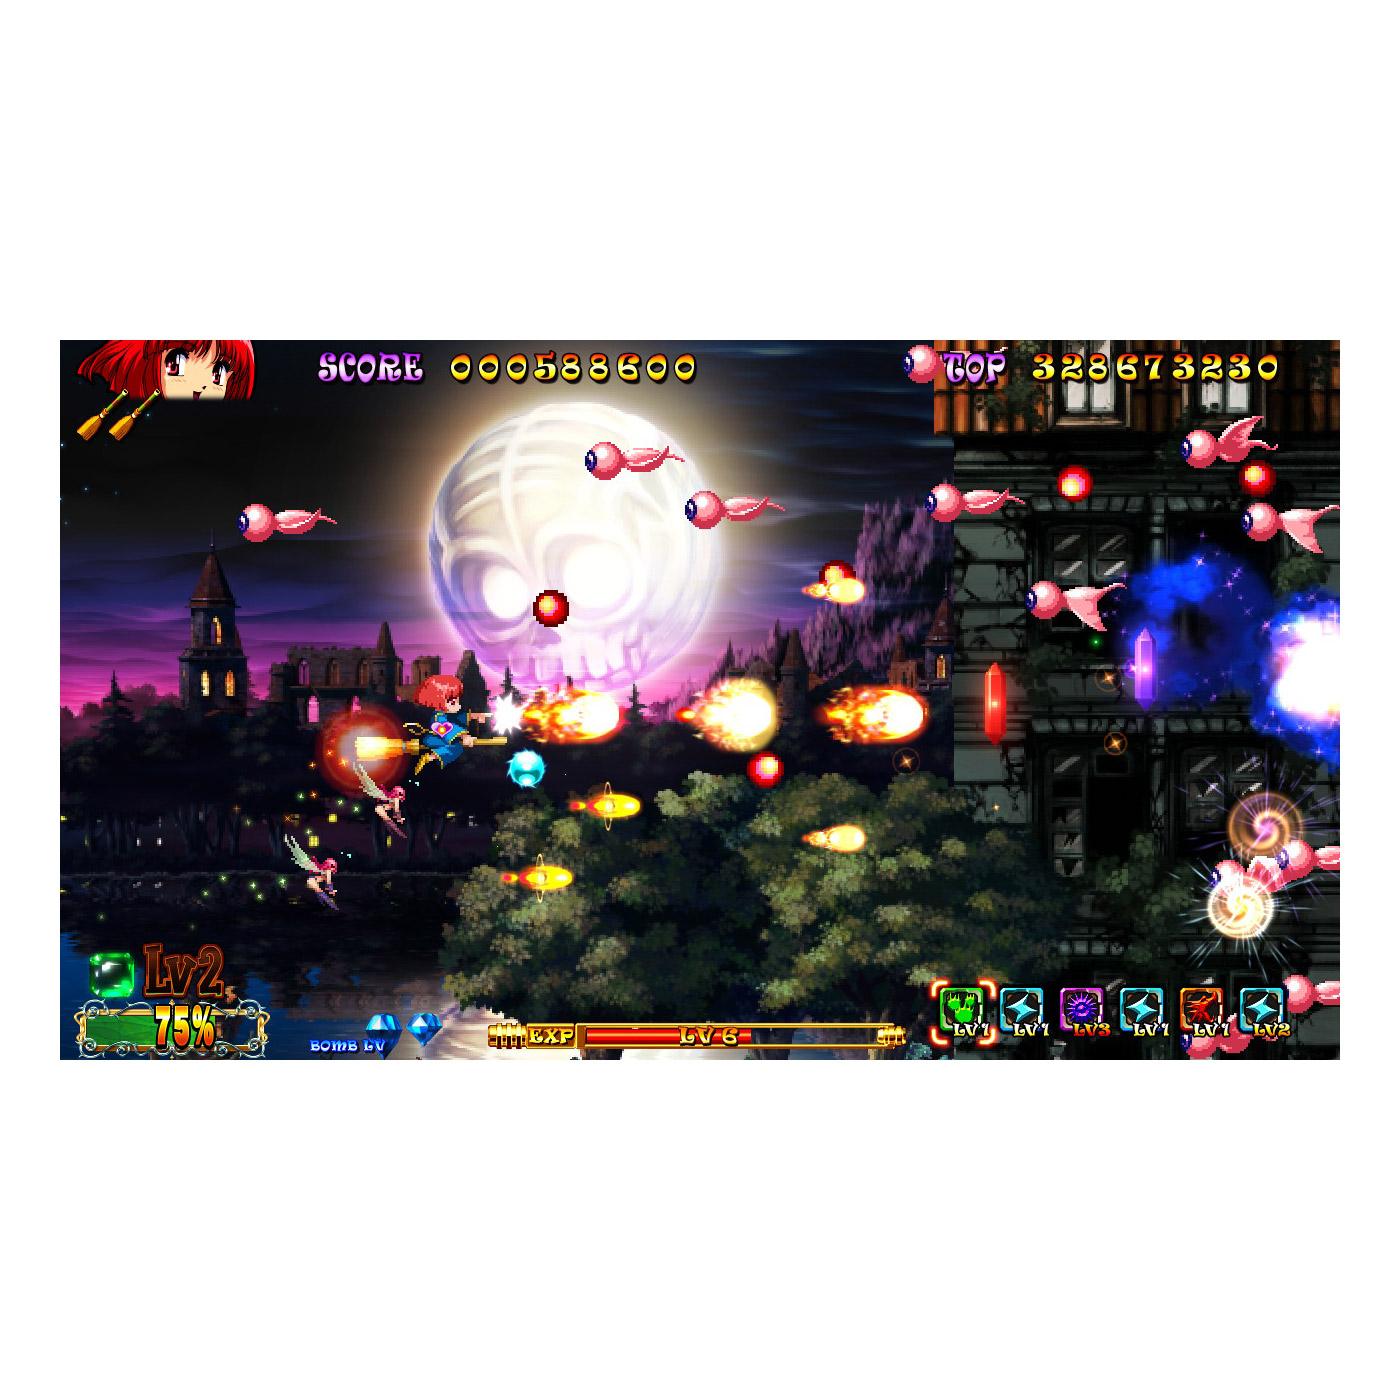 【店頭併売品】 コットン リブート! 限定版 【Switchゲームソフト】_2